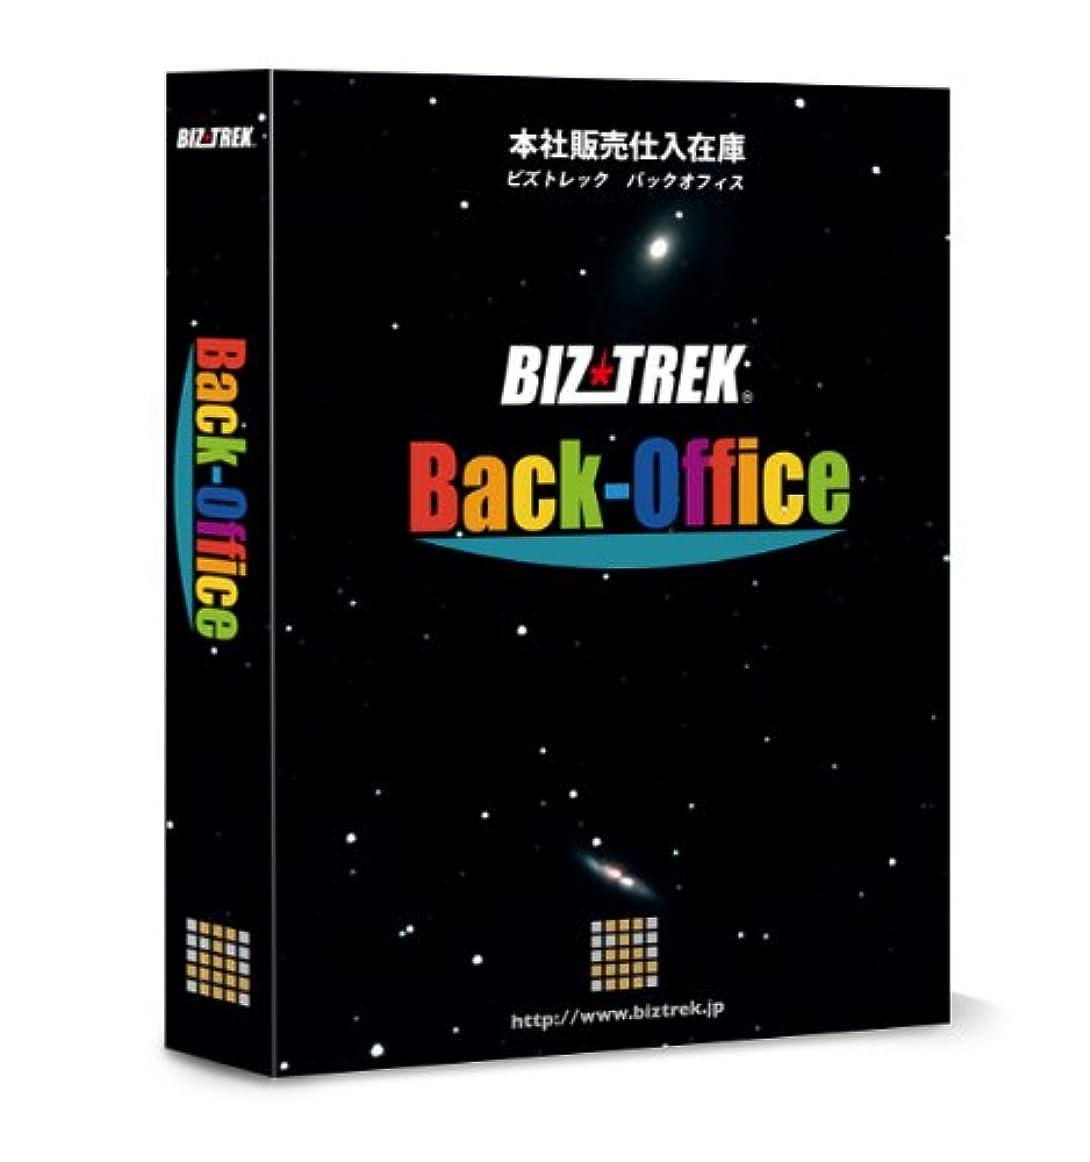 ベルト三角揮発性BIZTREK BackOffice(ビズトレック?バックオフィス Win版) [DVD-ROM]